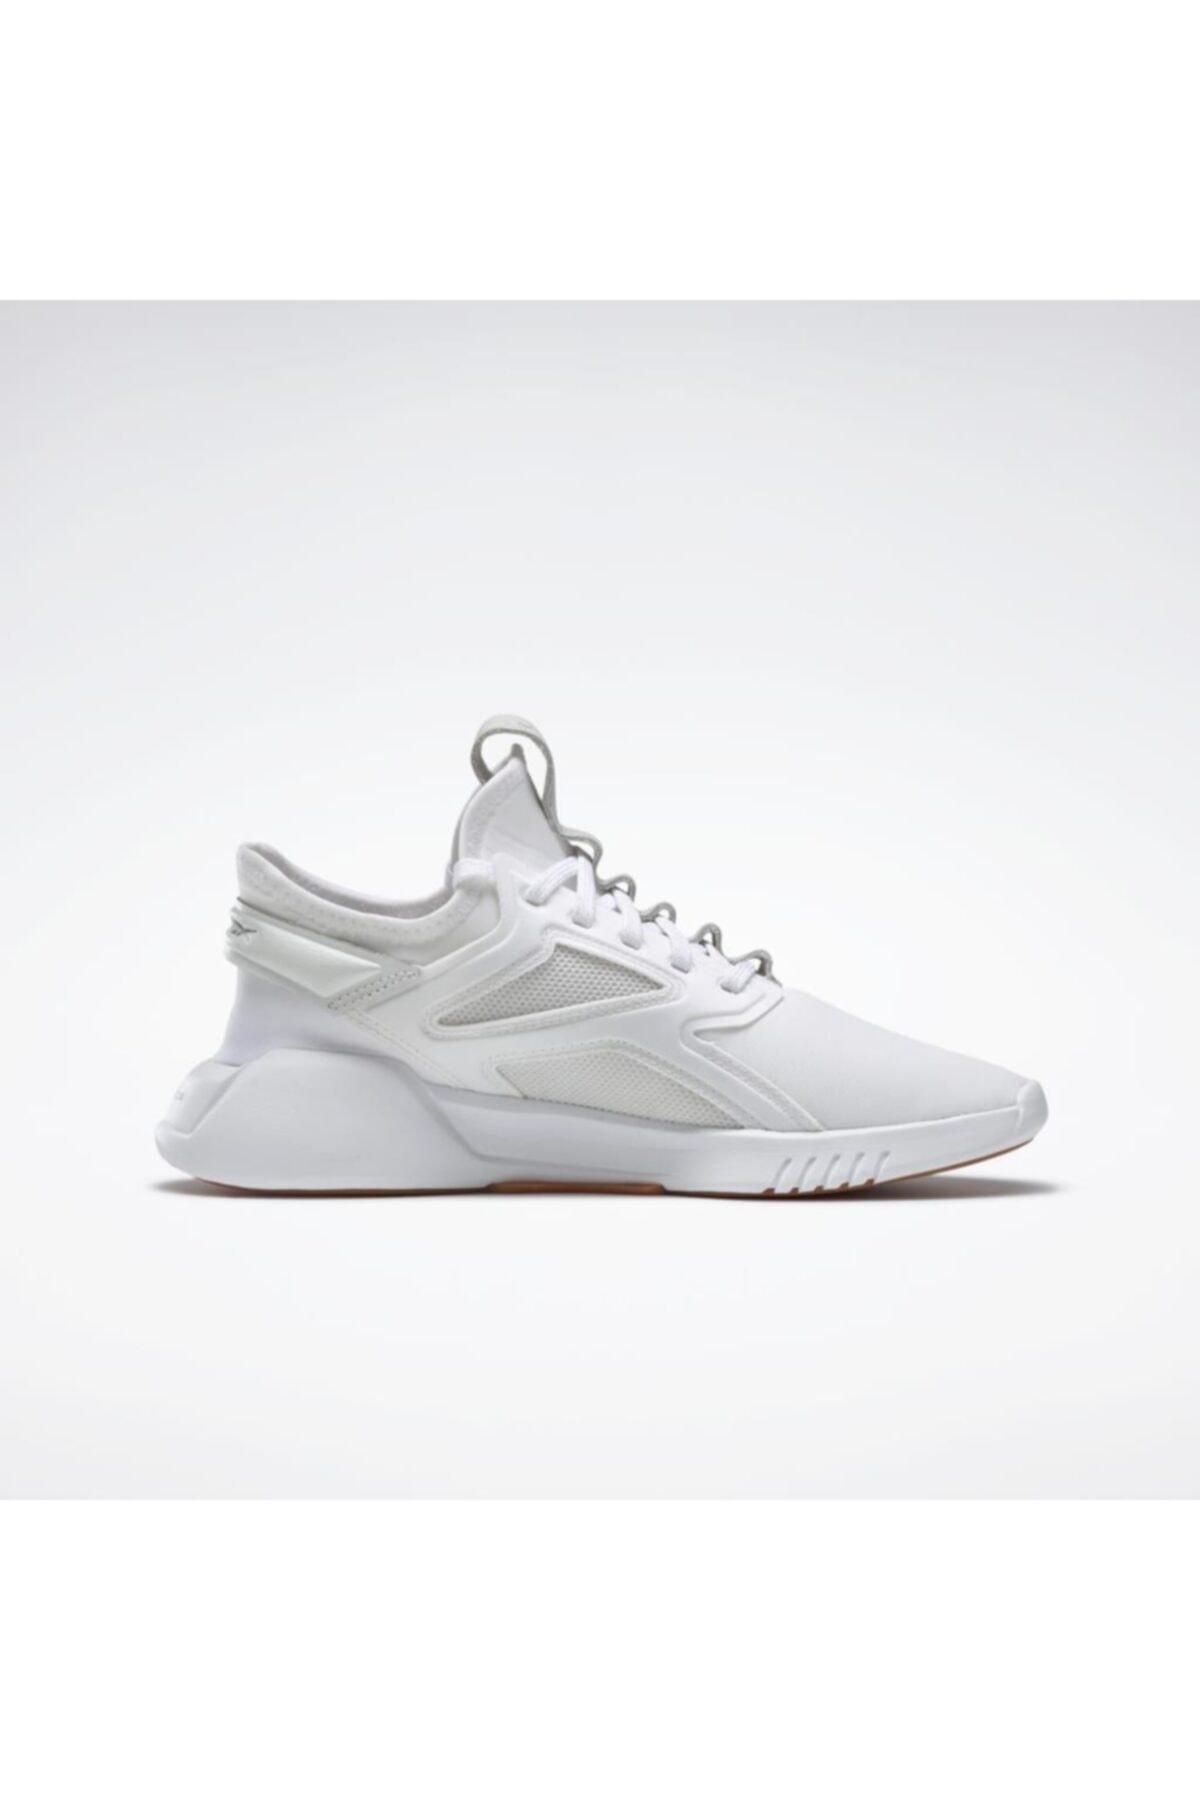 Reebok FREESTYLE MOTION LO Beyaz Kadın Comfort Ayakkabı 100533910 1